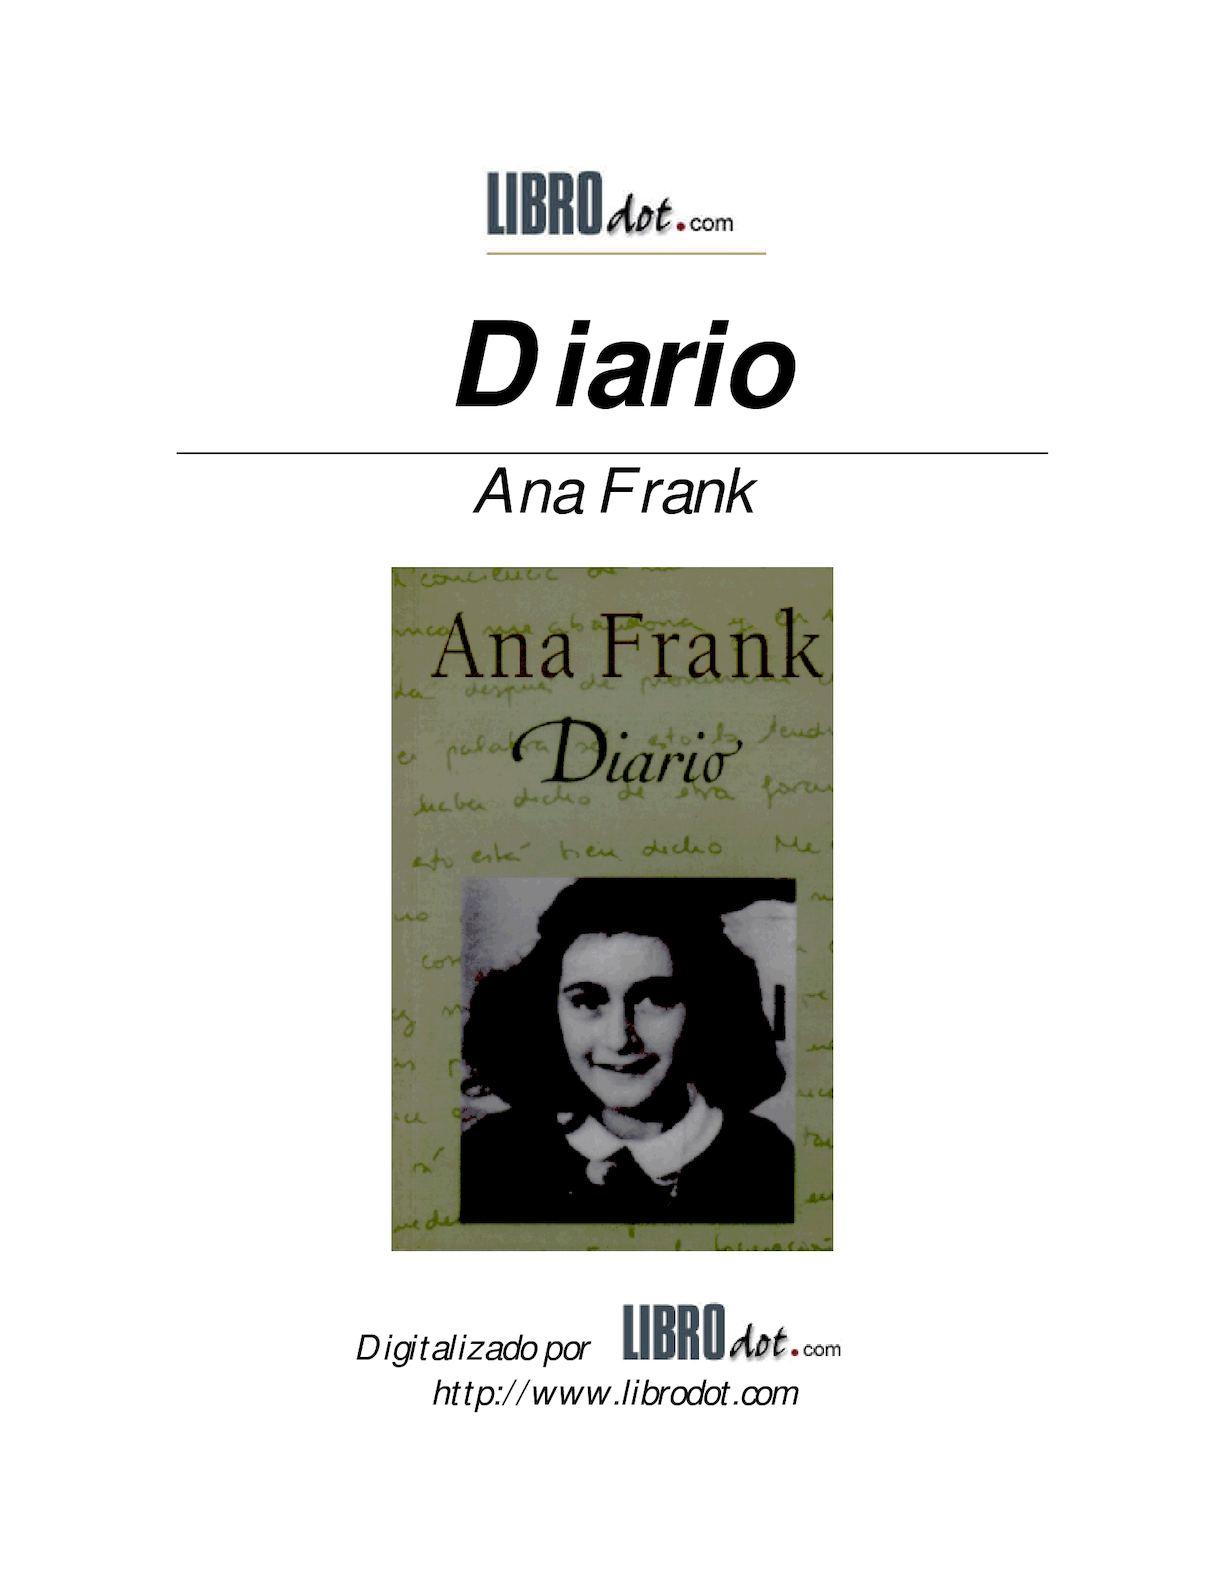 Diario Ana Calaméo De Diario Calaméo Frank De Frank Diario Ana Calaméo De Ana xWQrdBECoe